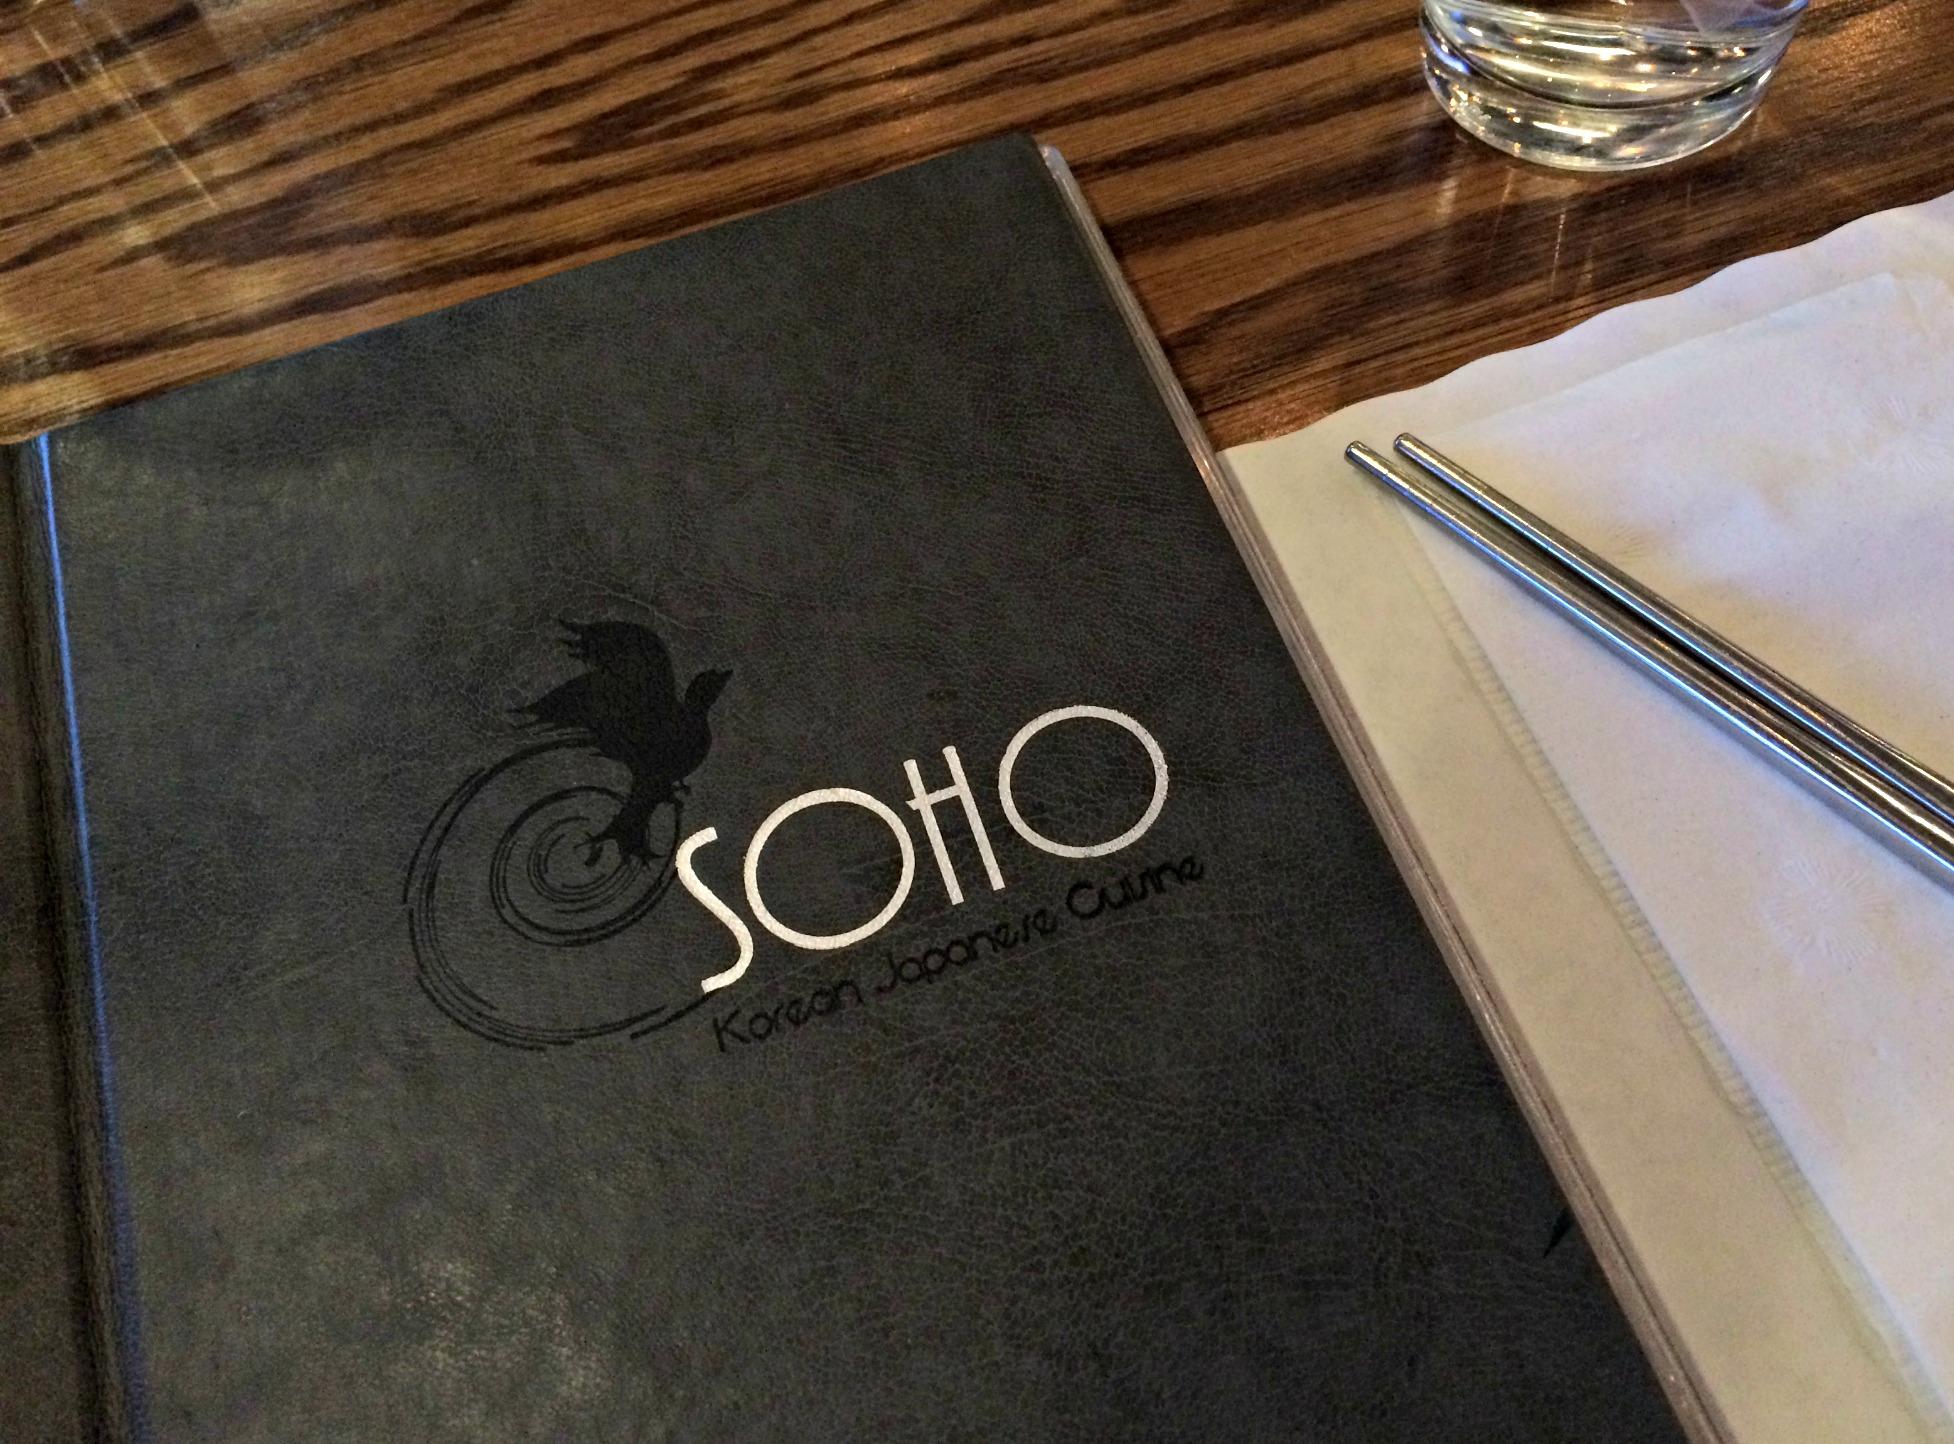 Soho Korean Japanese Cuisine